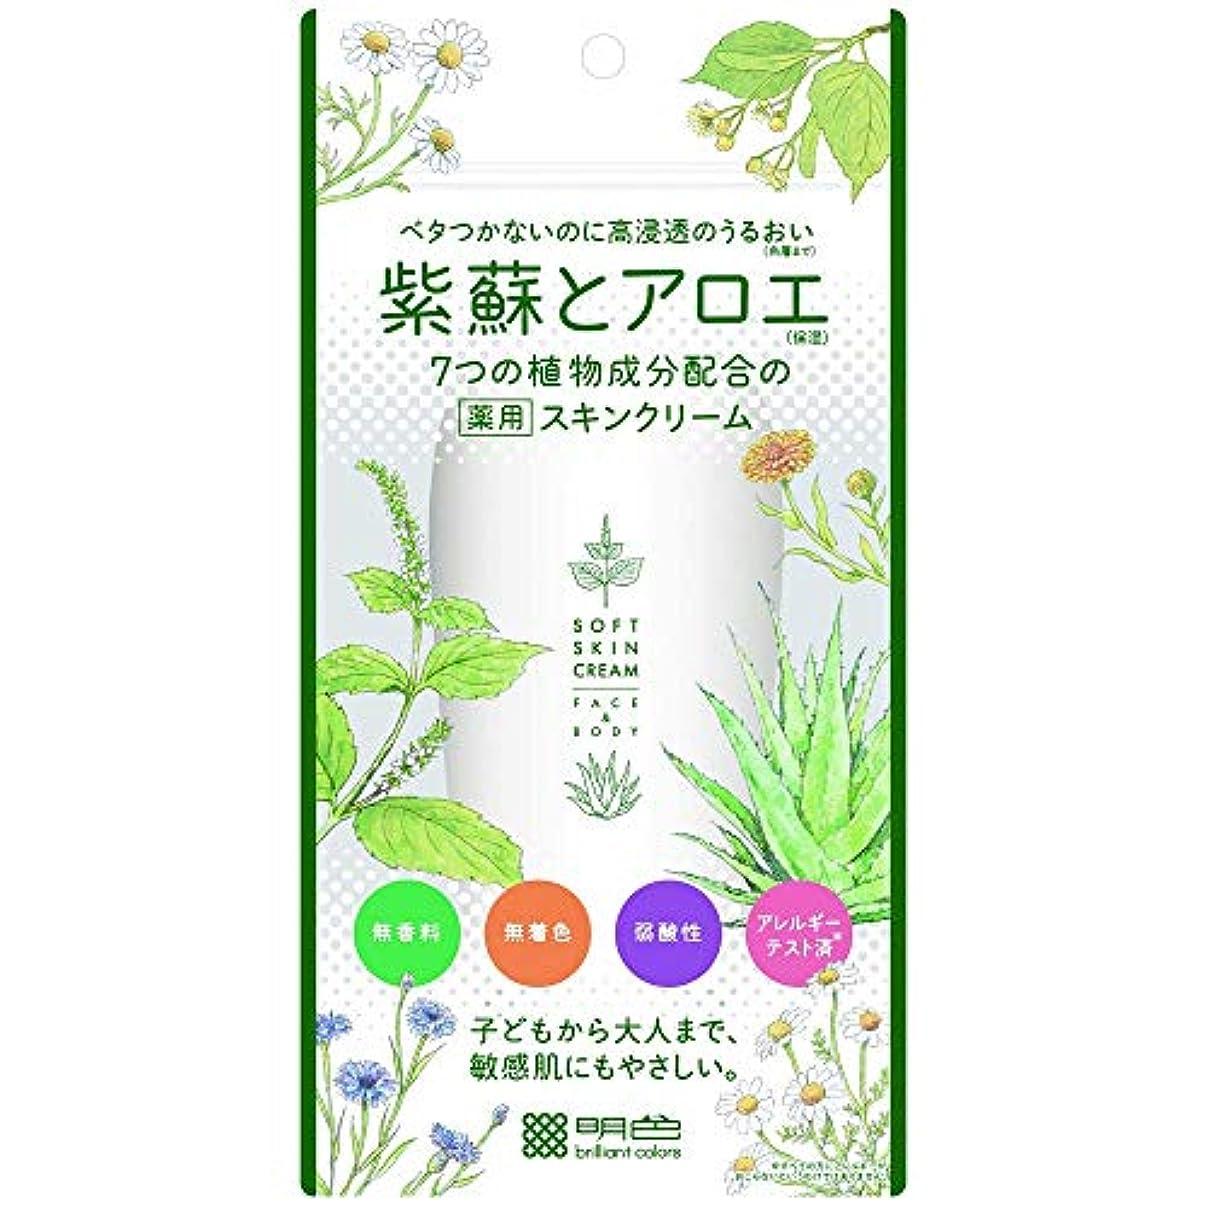 従順なピケ支援する【2個セット】紫蘇とアロエ 薬用スキンクリーム 190g